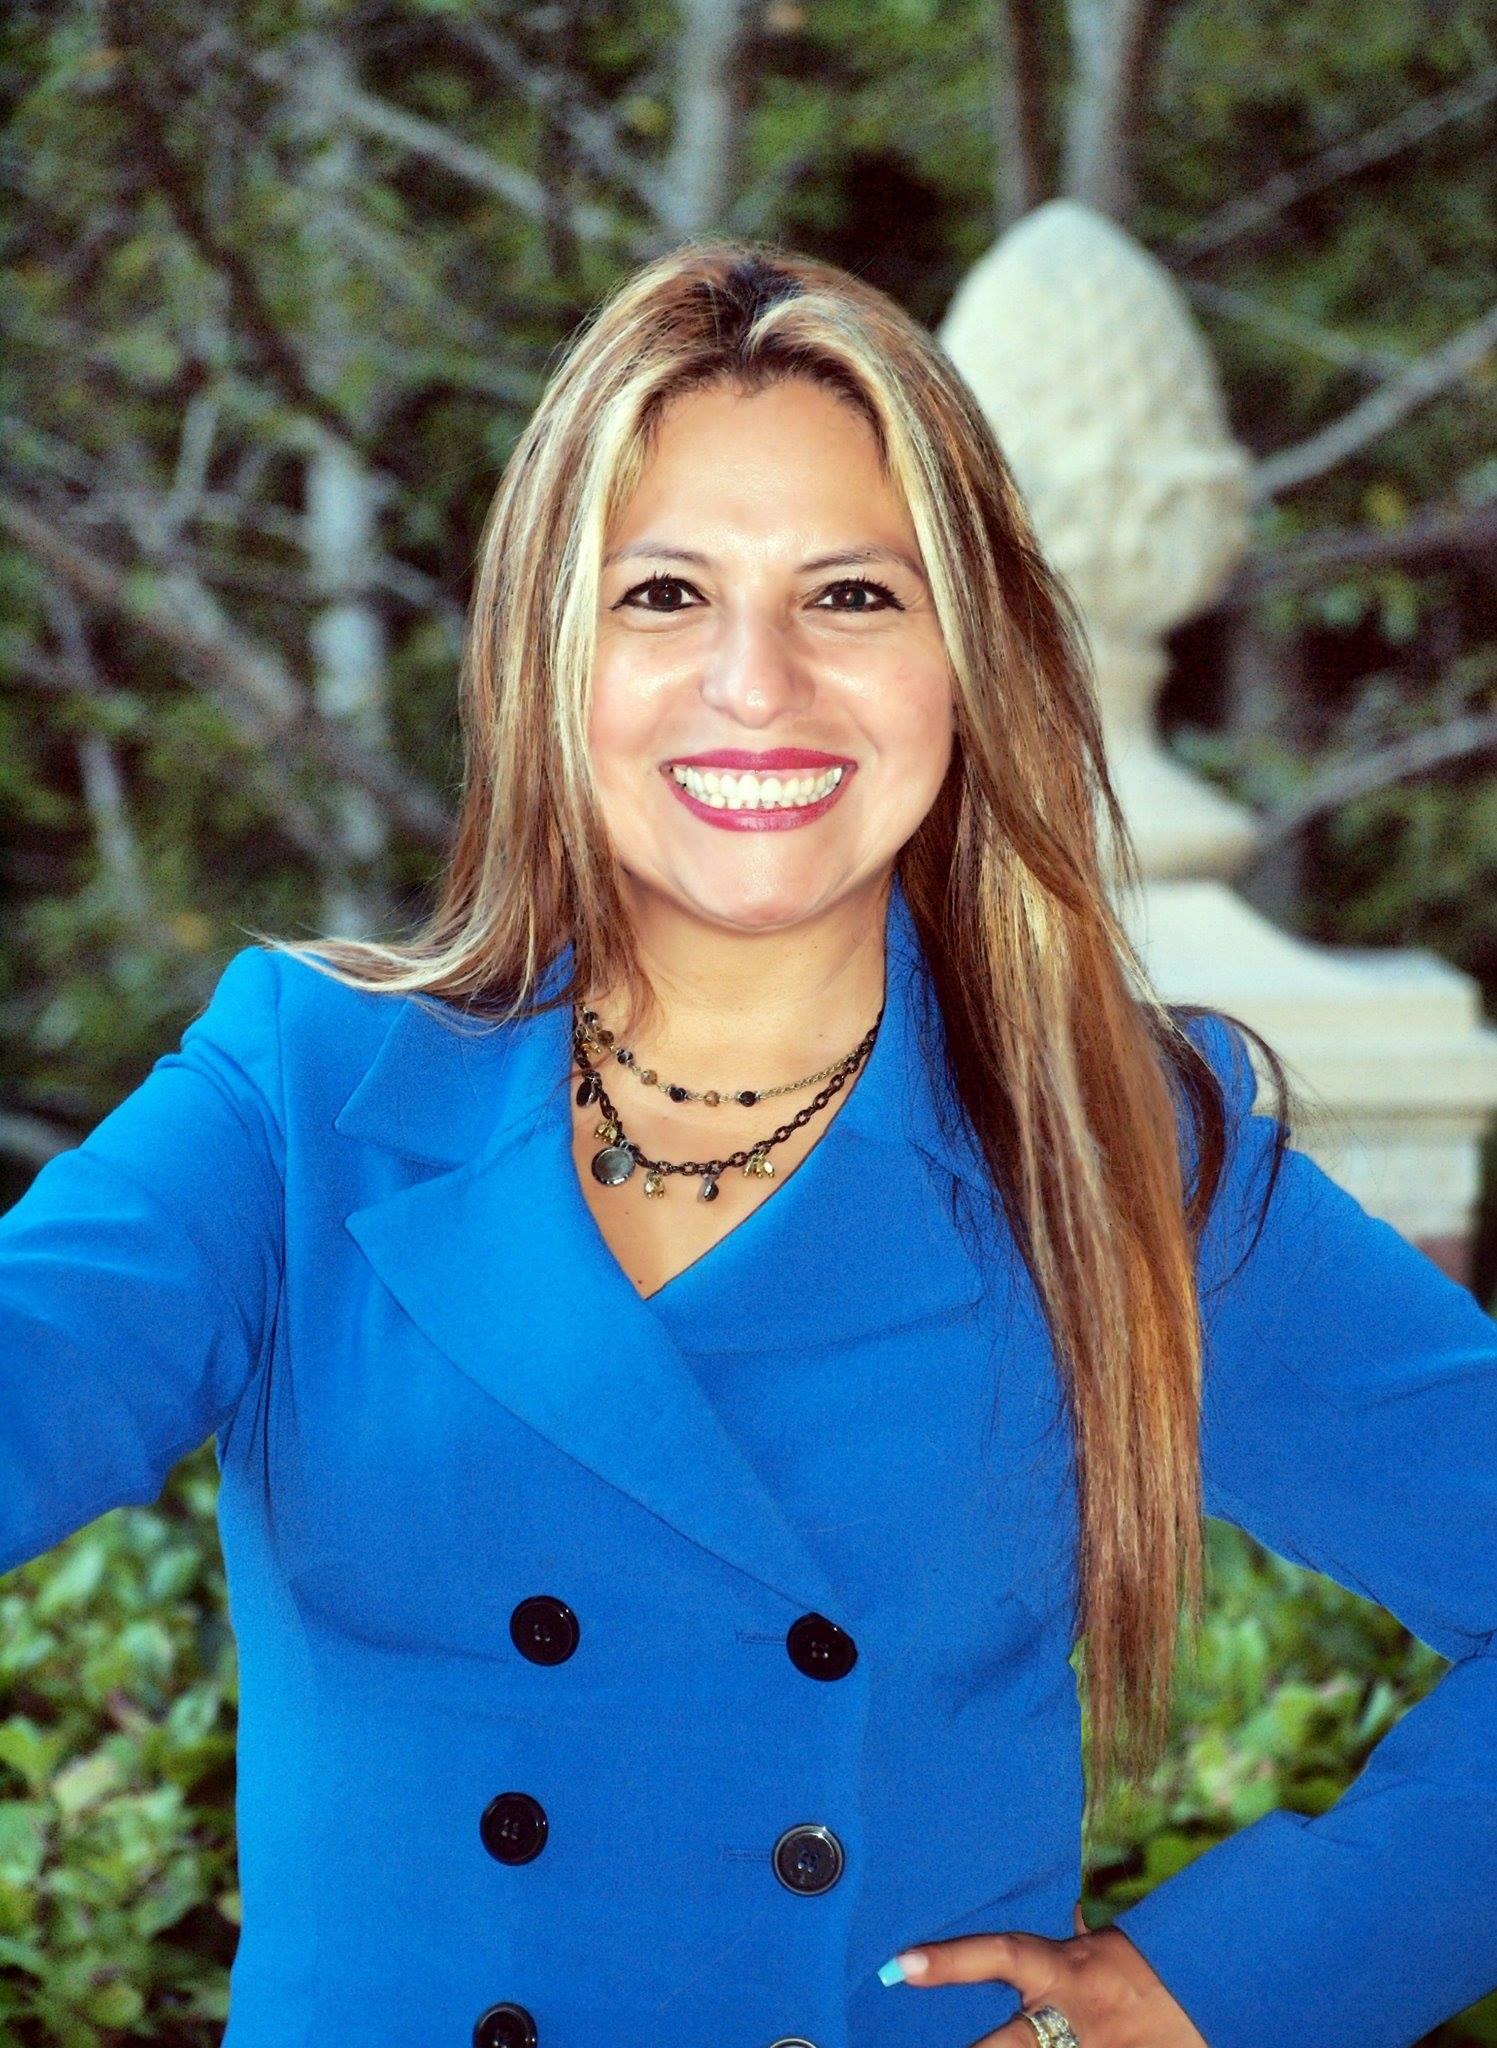 Elizabeth Guzman 31st District Candidate